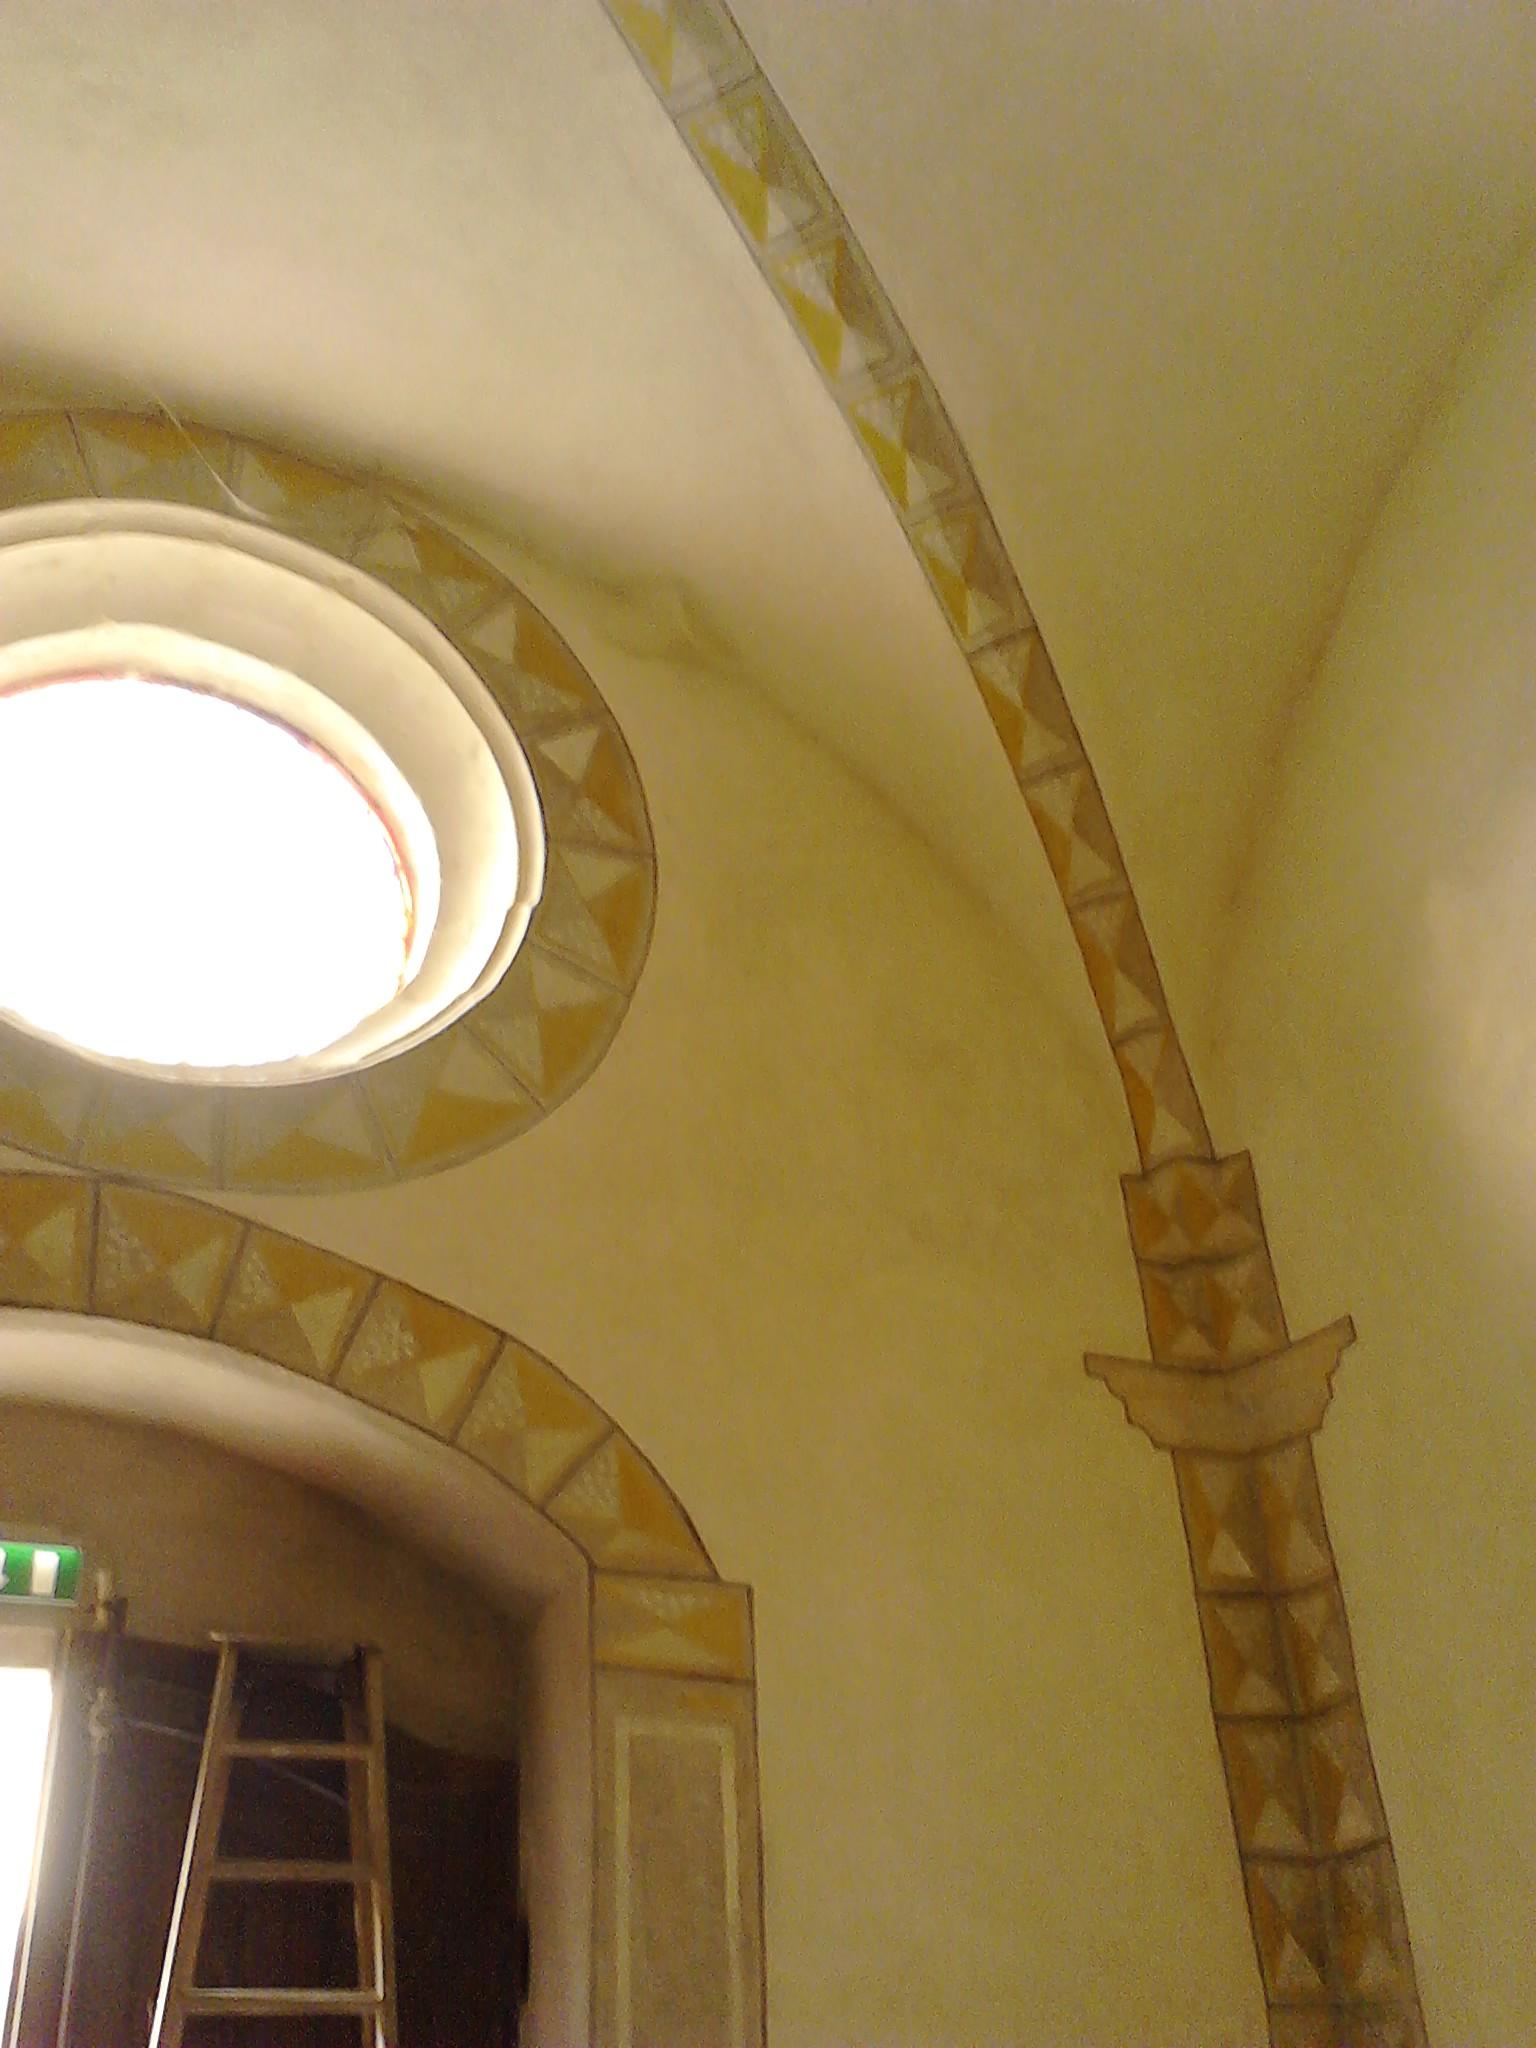 Église de Solaize